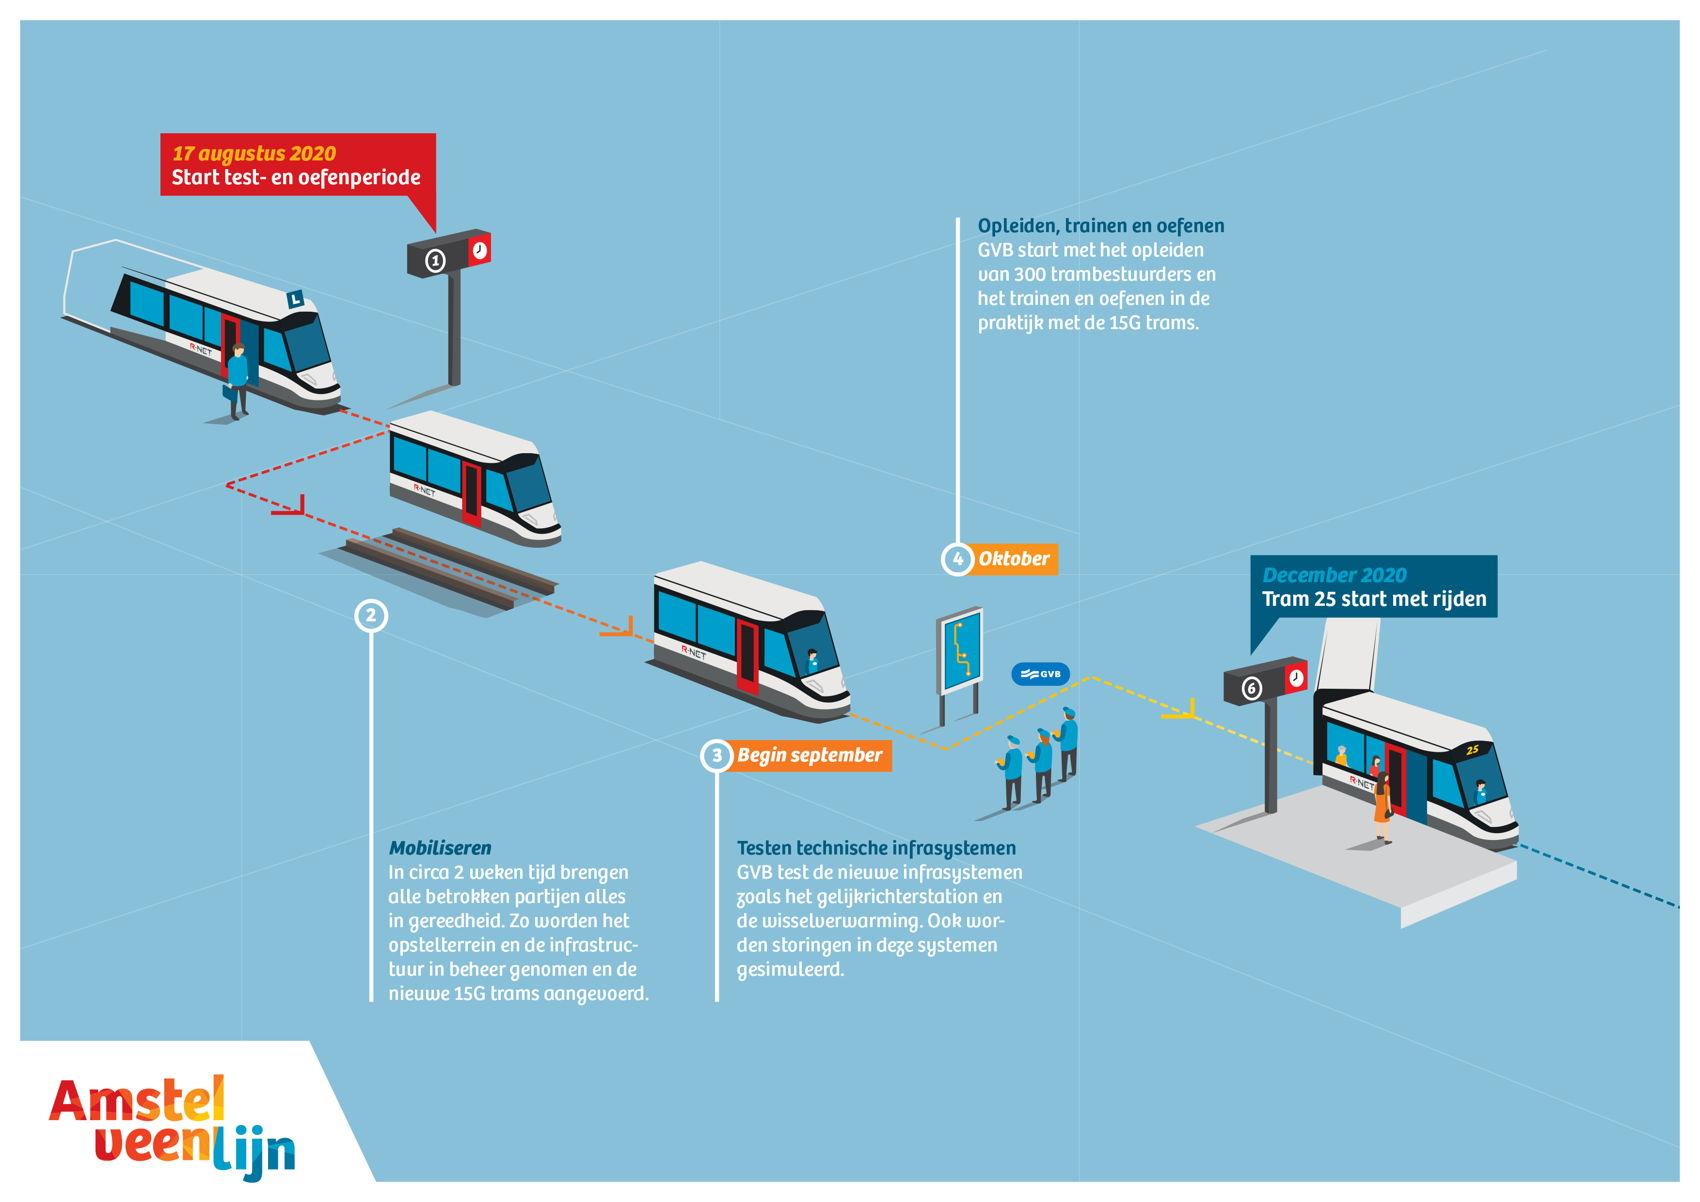 Op hoofdlijnen ziet de test- en oefenperiode er zo uit. Stap 1 is het mobiliseren van 'de boel'. In circa 2 weken tijd brengen alle betrokken partijen alles in gereedheid en rijdt er af en toe ook een testtram. Stap 2 is het testen van de technische infrasystemen begin september. In oktober start GVB met het opleiden van de trambestuurders en het testen en oefenen in de praktijk met de 15G trams. In december 2020 wordt tram 25 dan in gebruik genomen